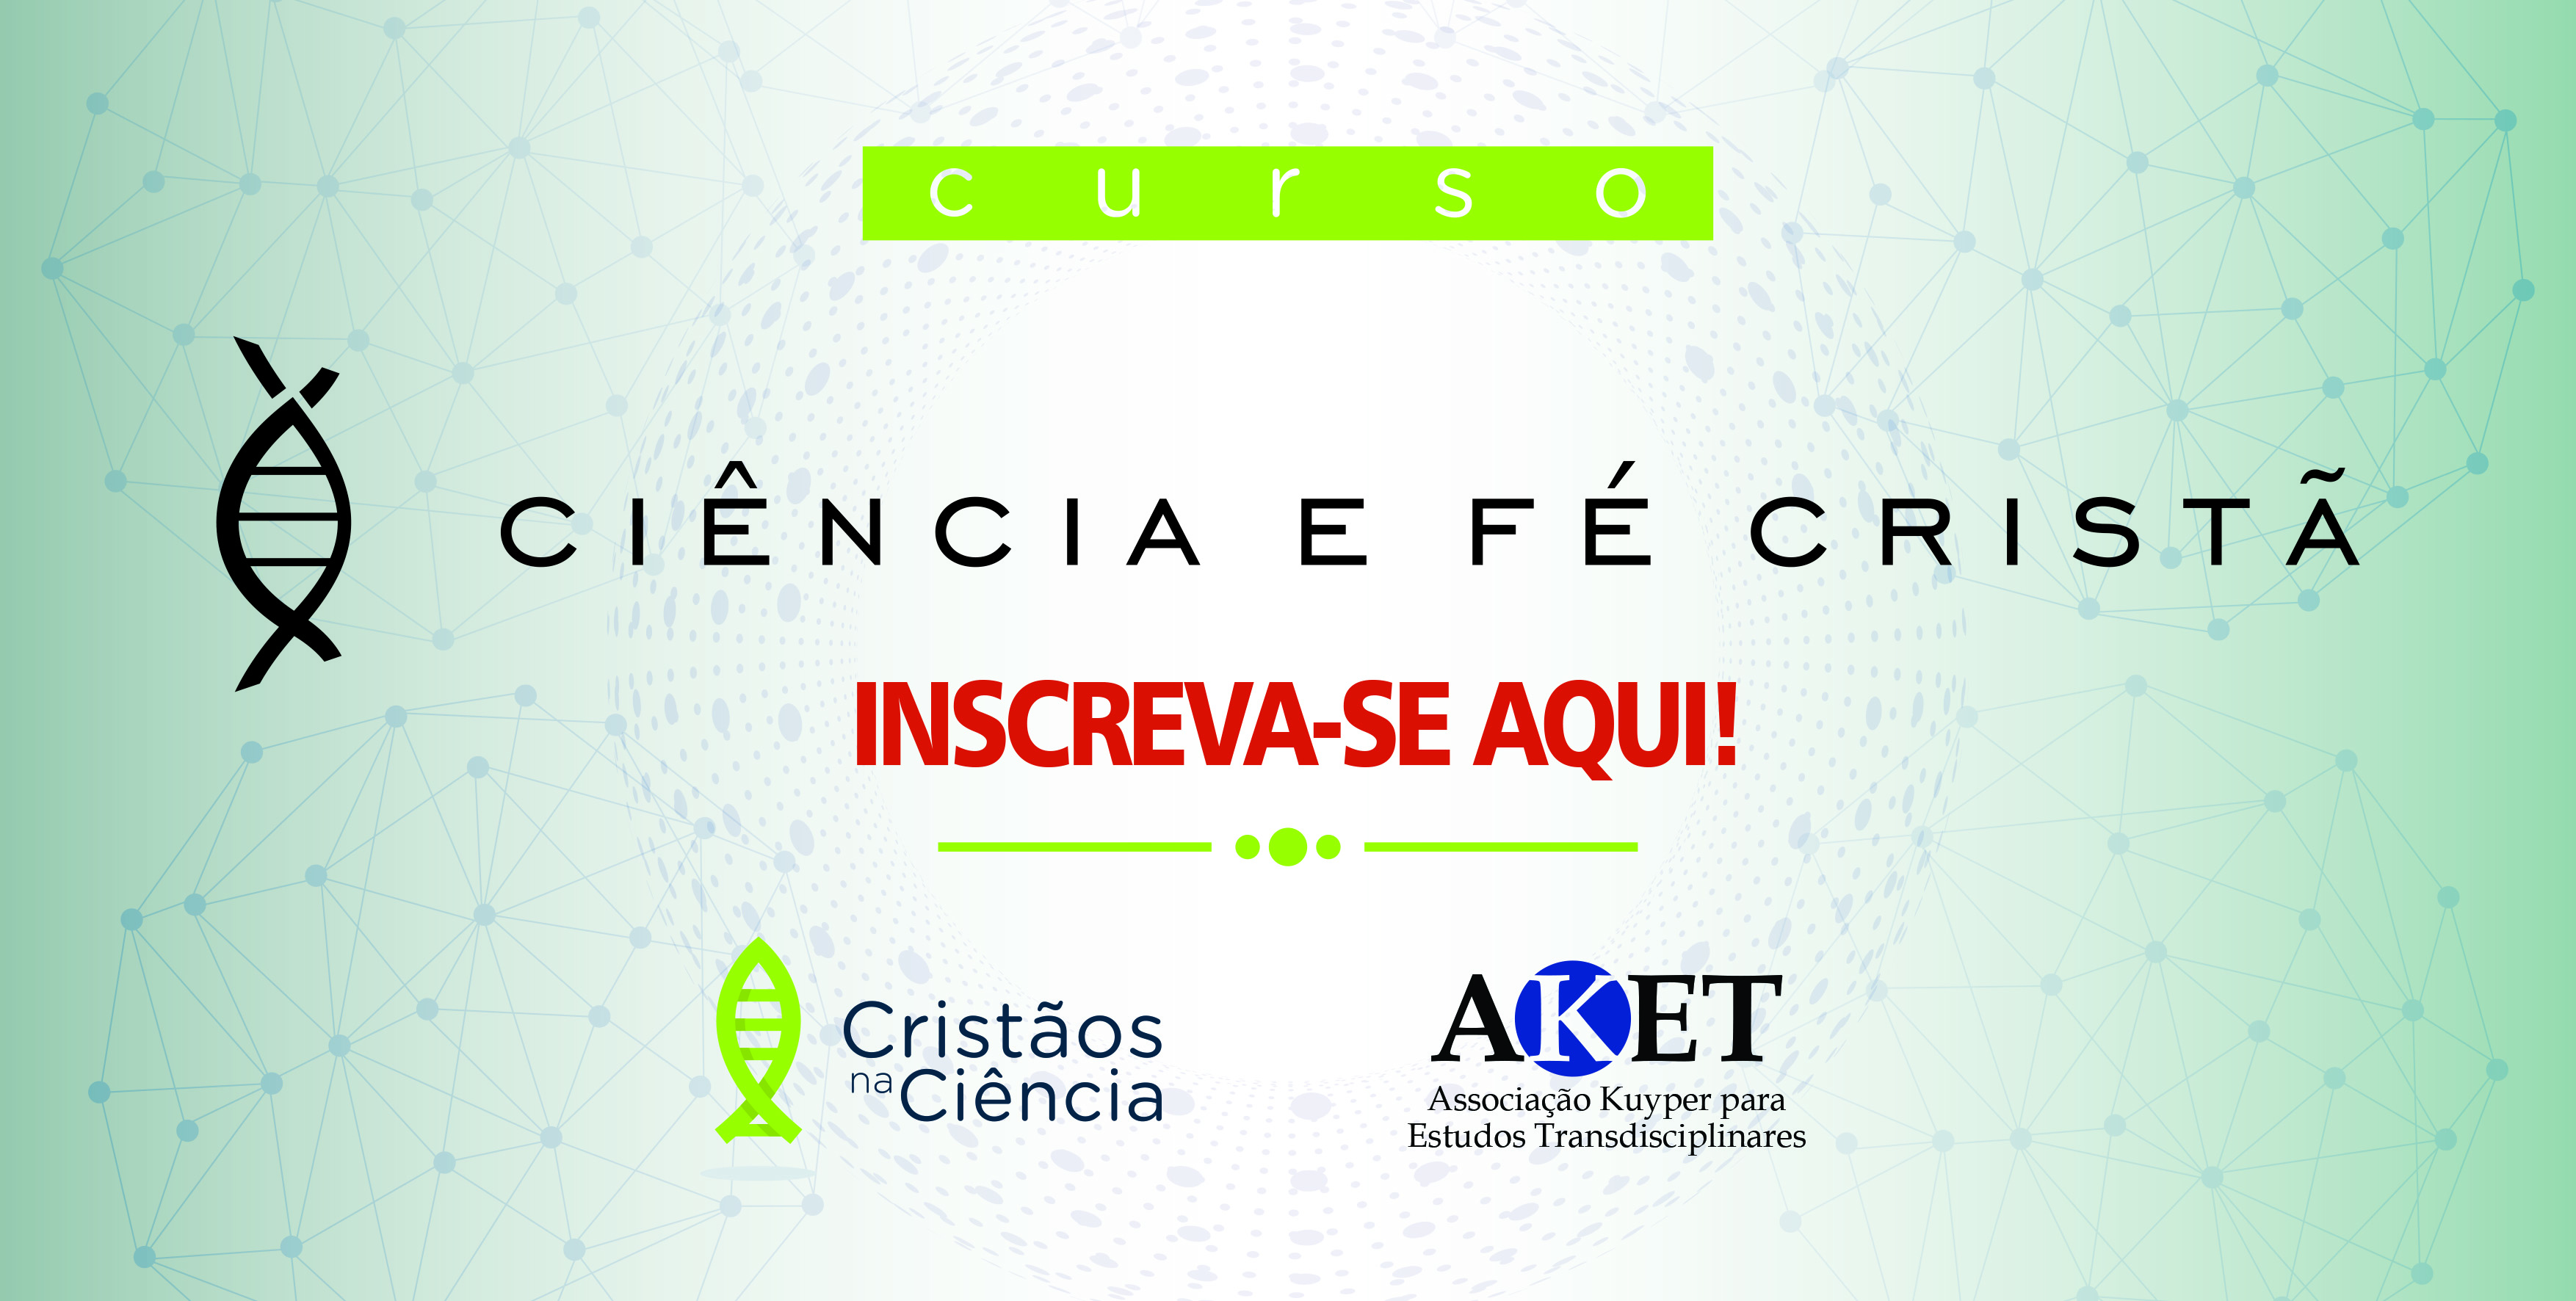 CURSO - CIENCIA E FE CRISTA